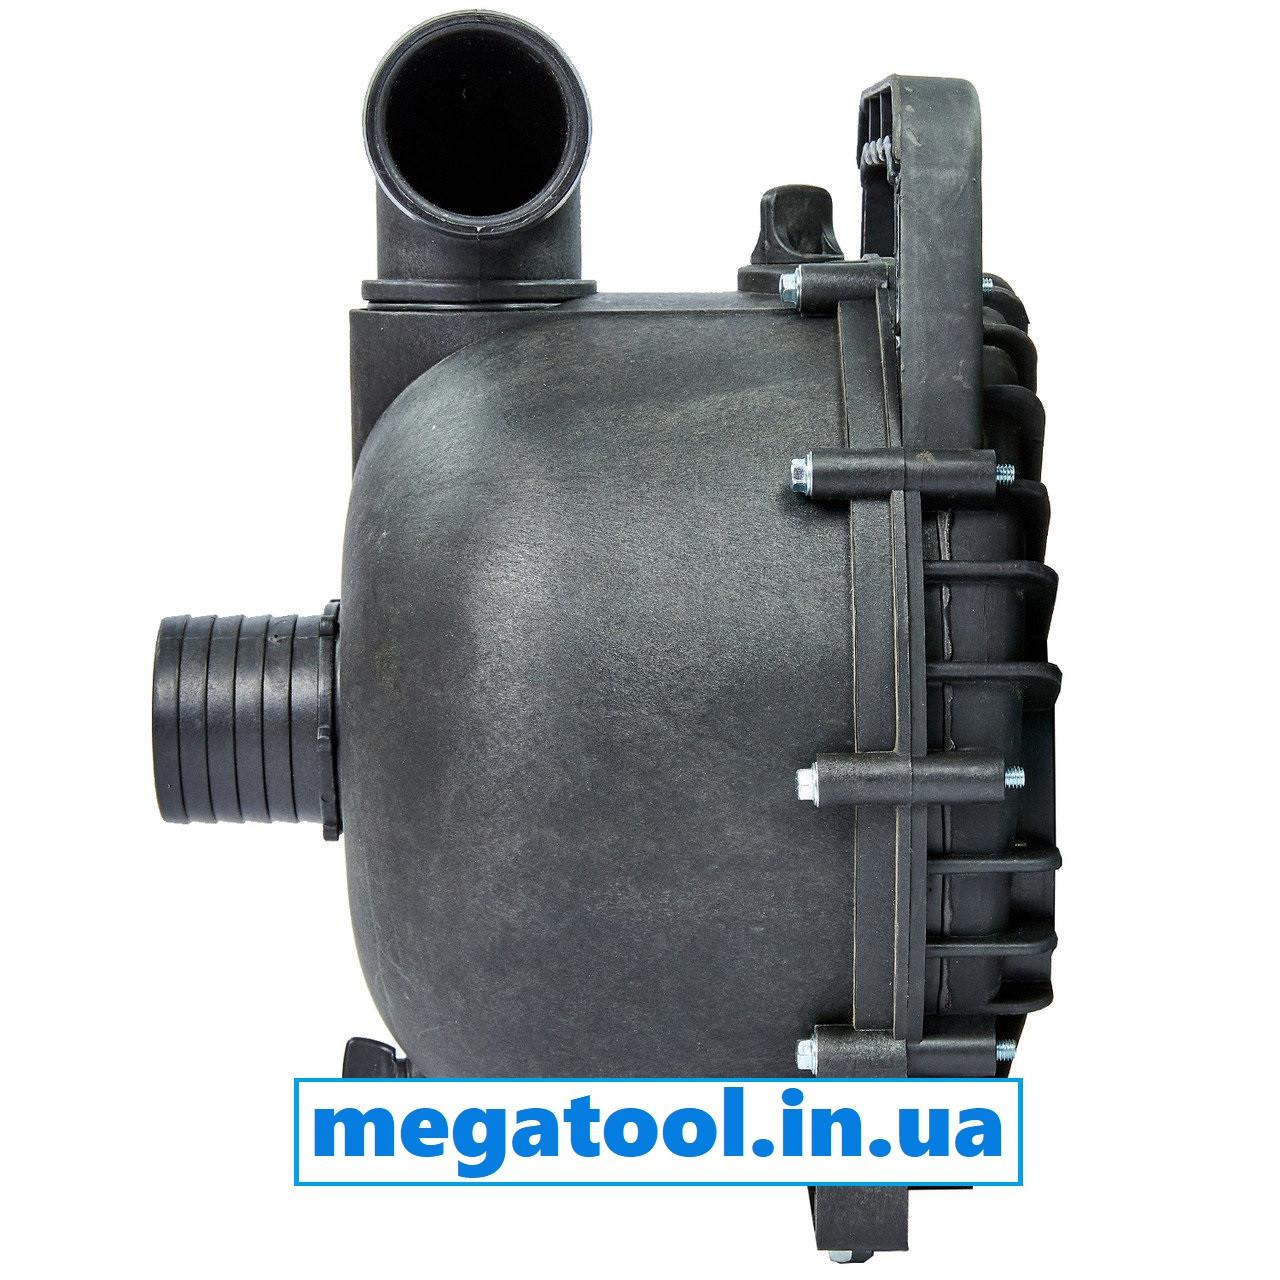 Помпа для агрессивных жидкостей SAKUMA SNB-50C